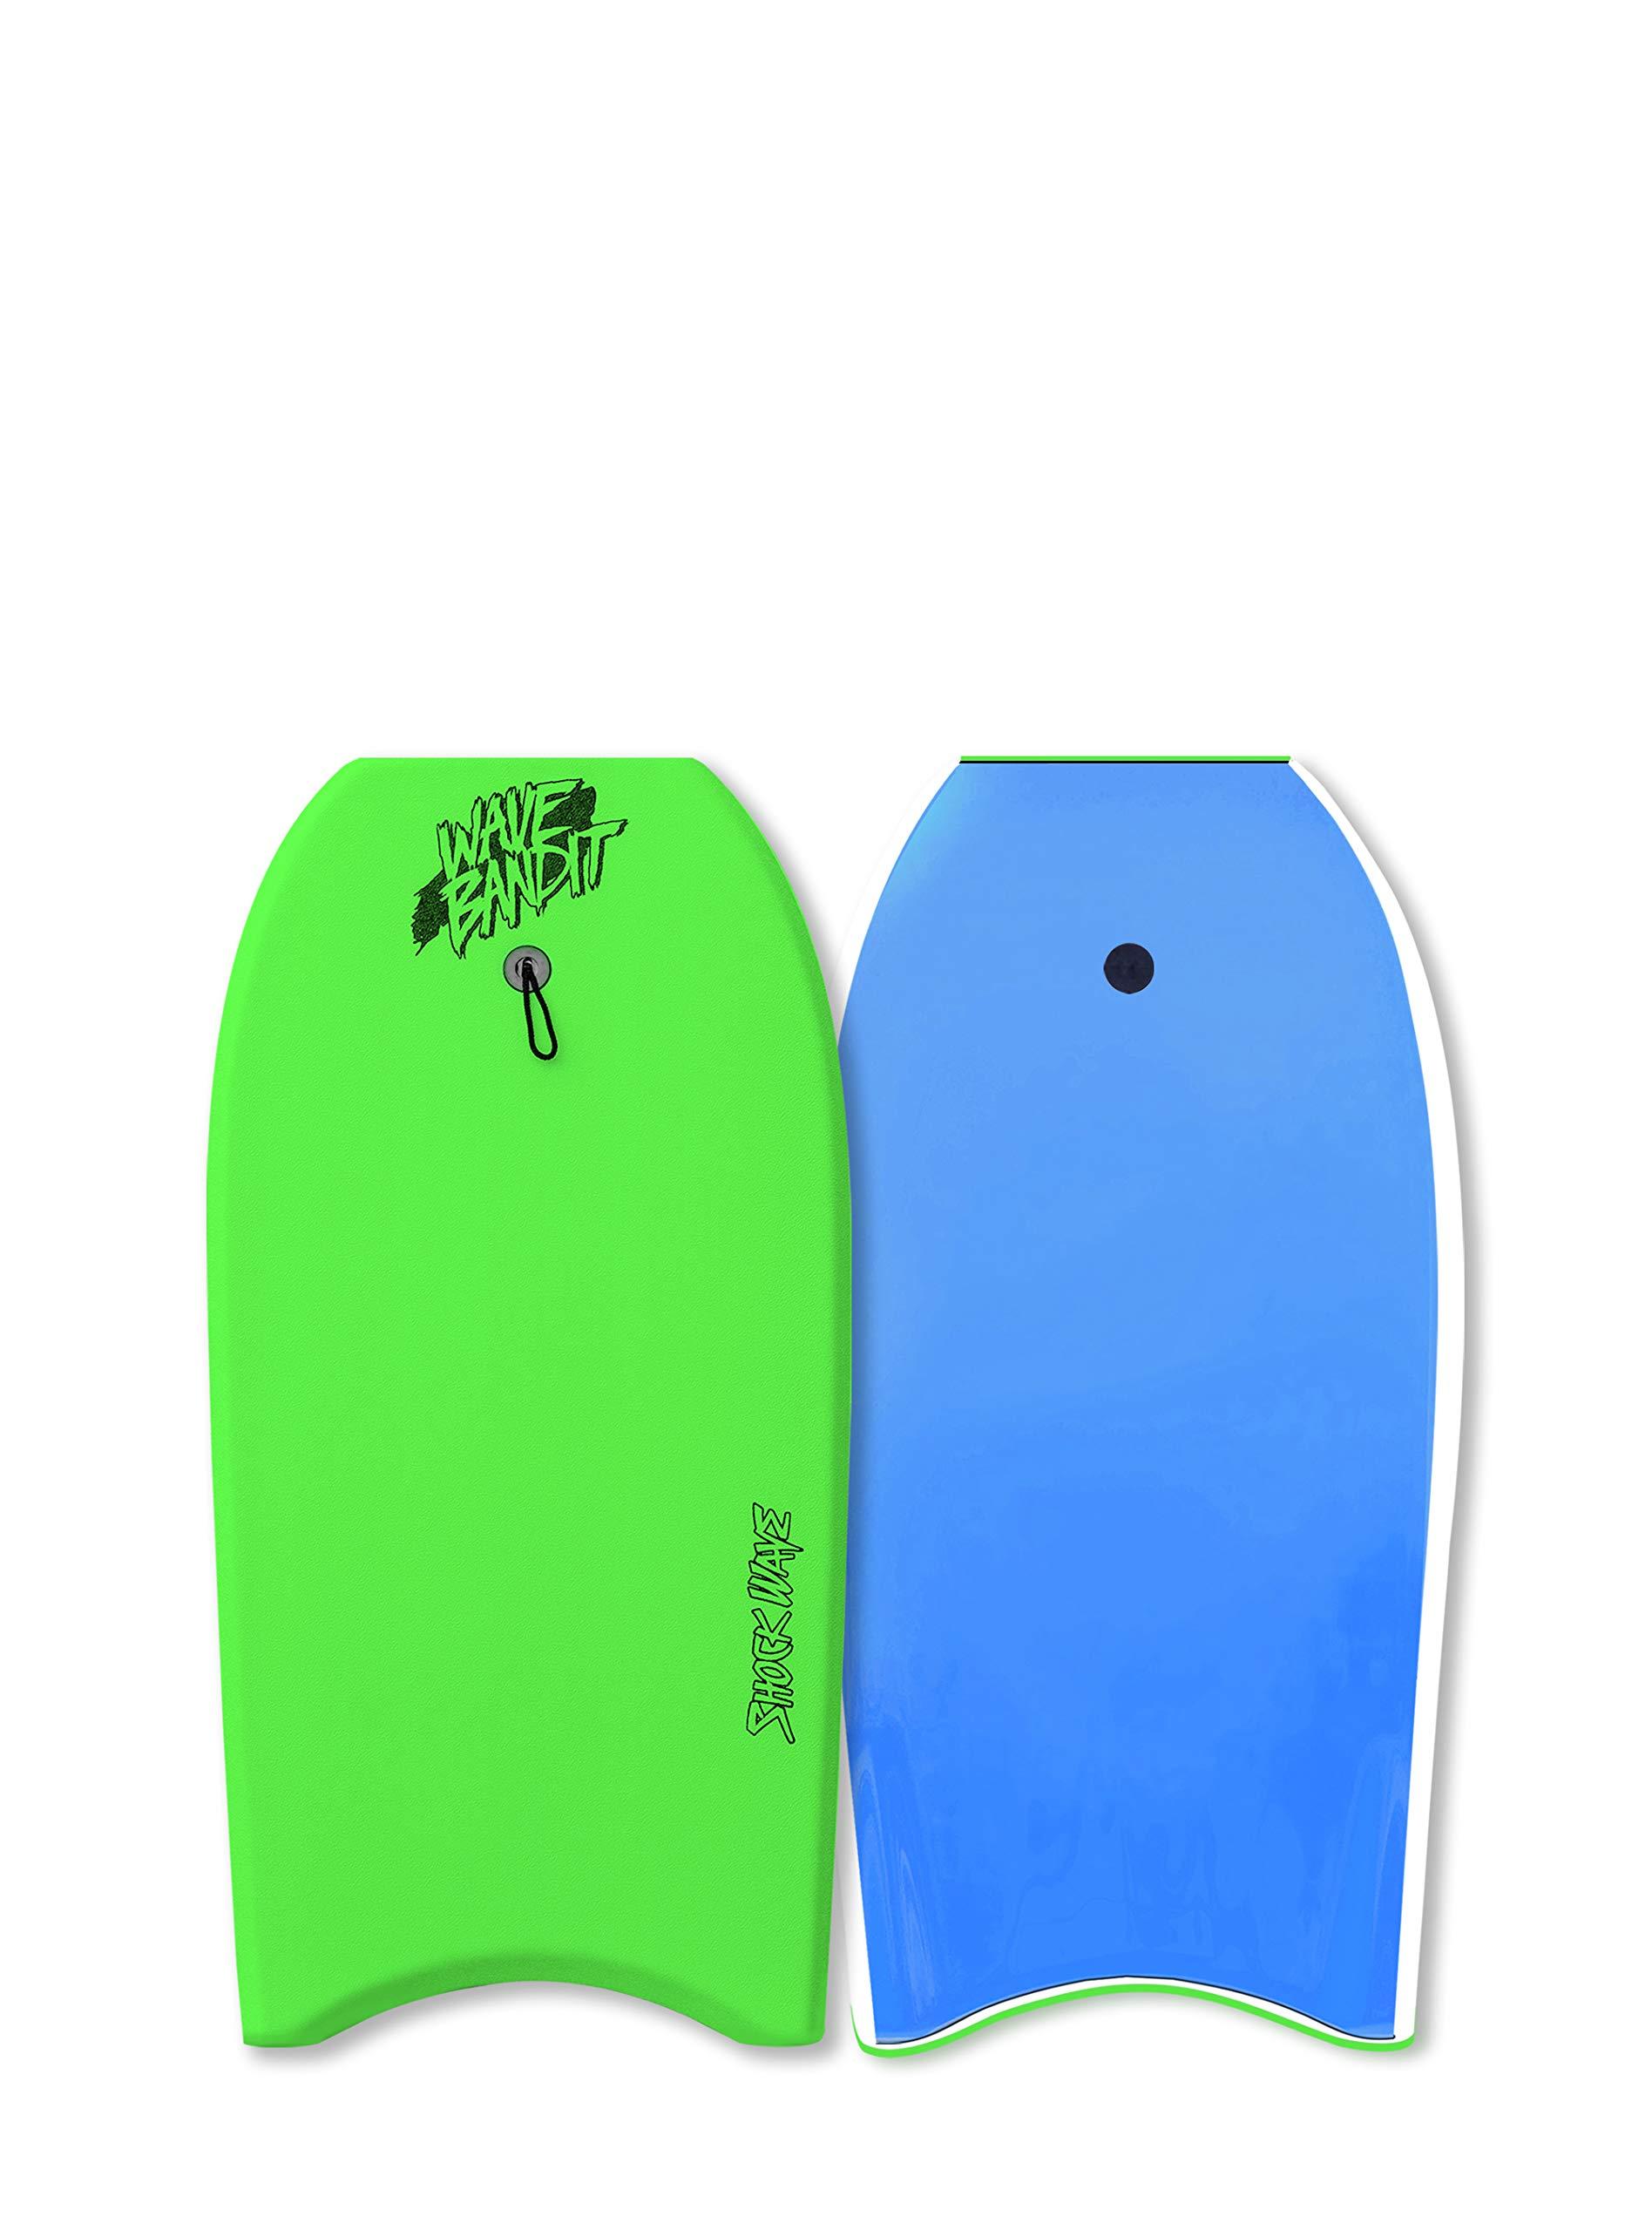 Catch Surf Wave Bandit Shockwave 42'' Short Surf Board, Neon Green